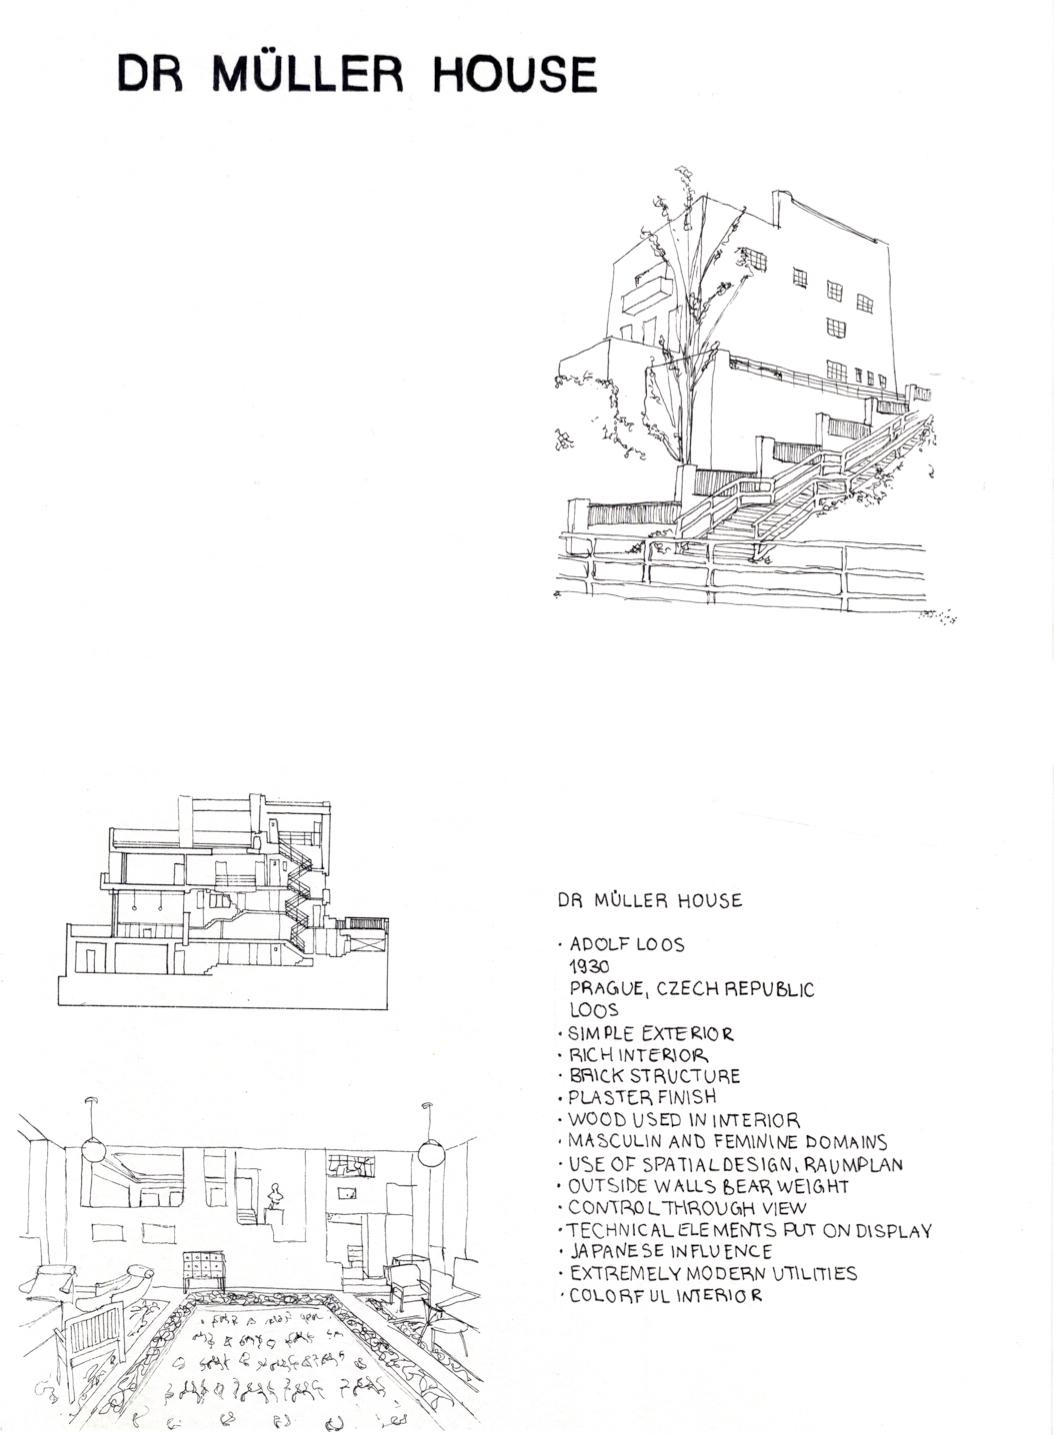 Dr Muller House copy.jpg